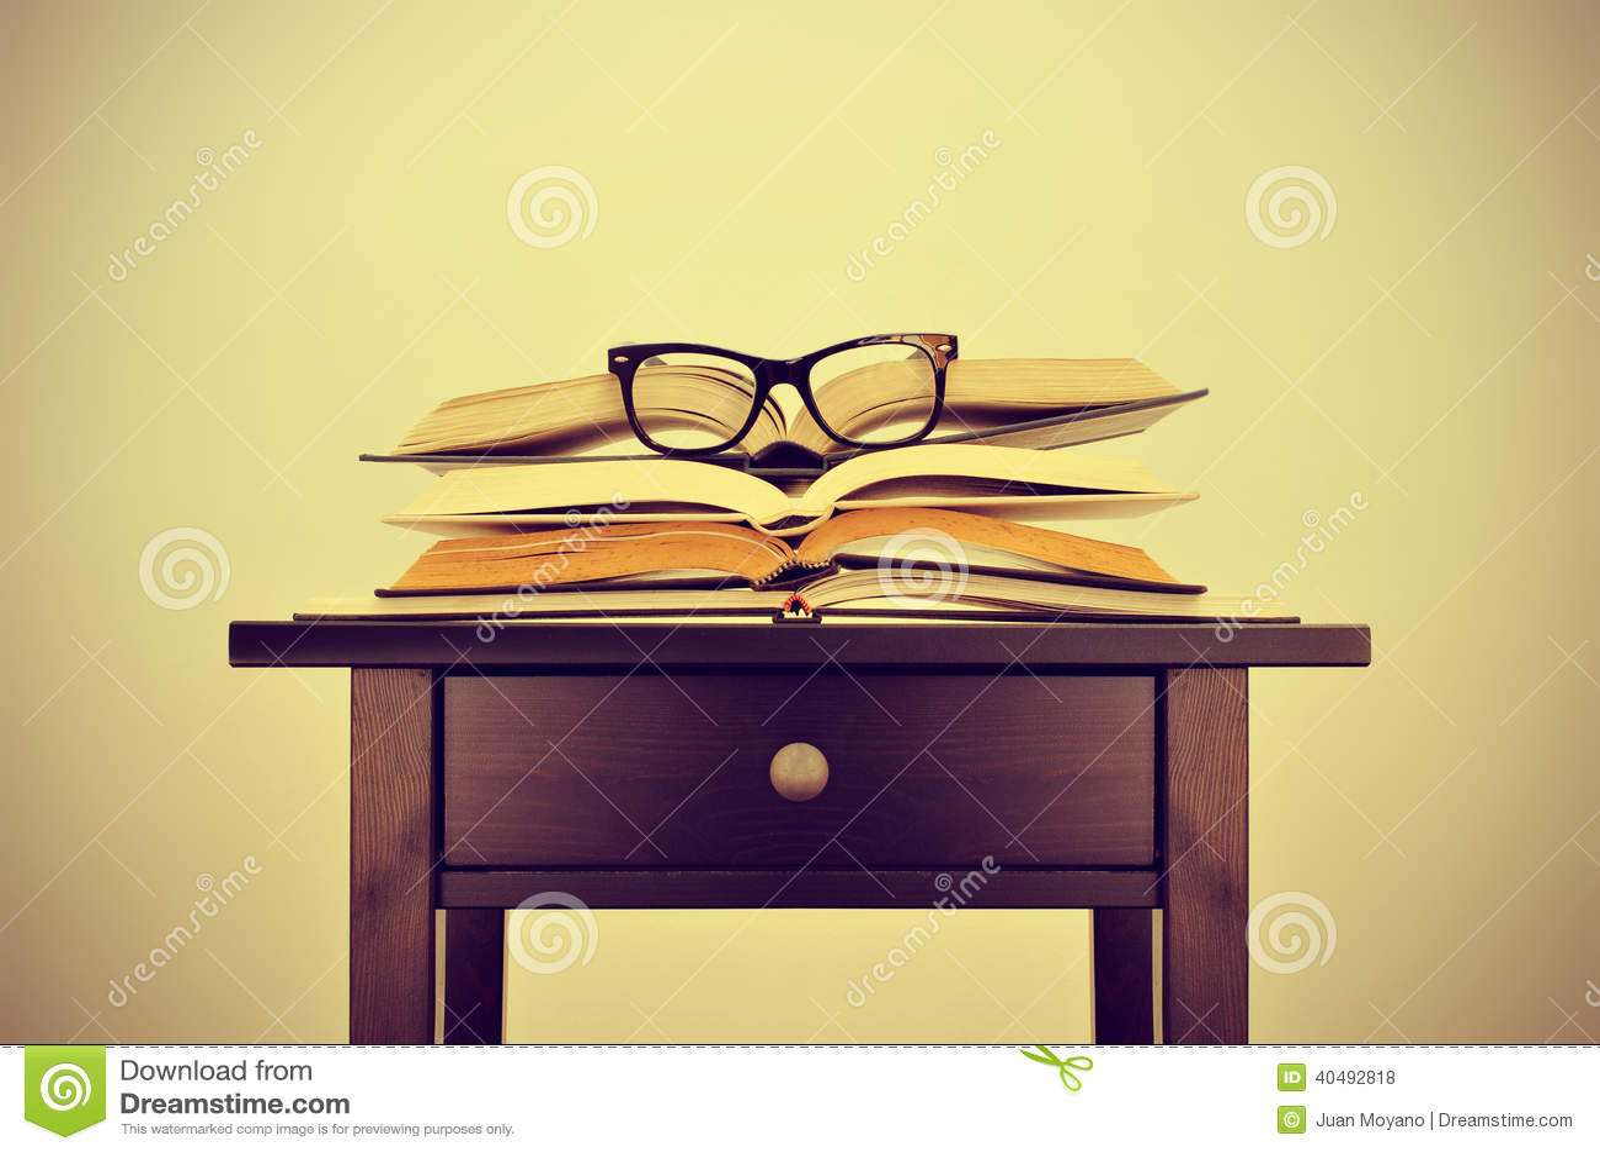 Libros y lentes en un escritorio, con un efecto retro